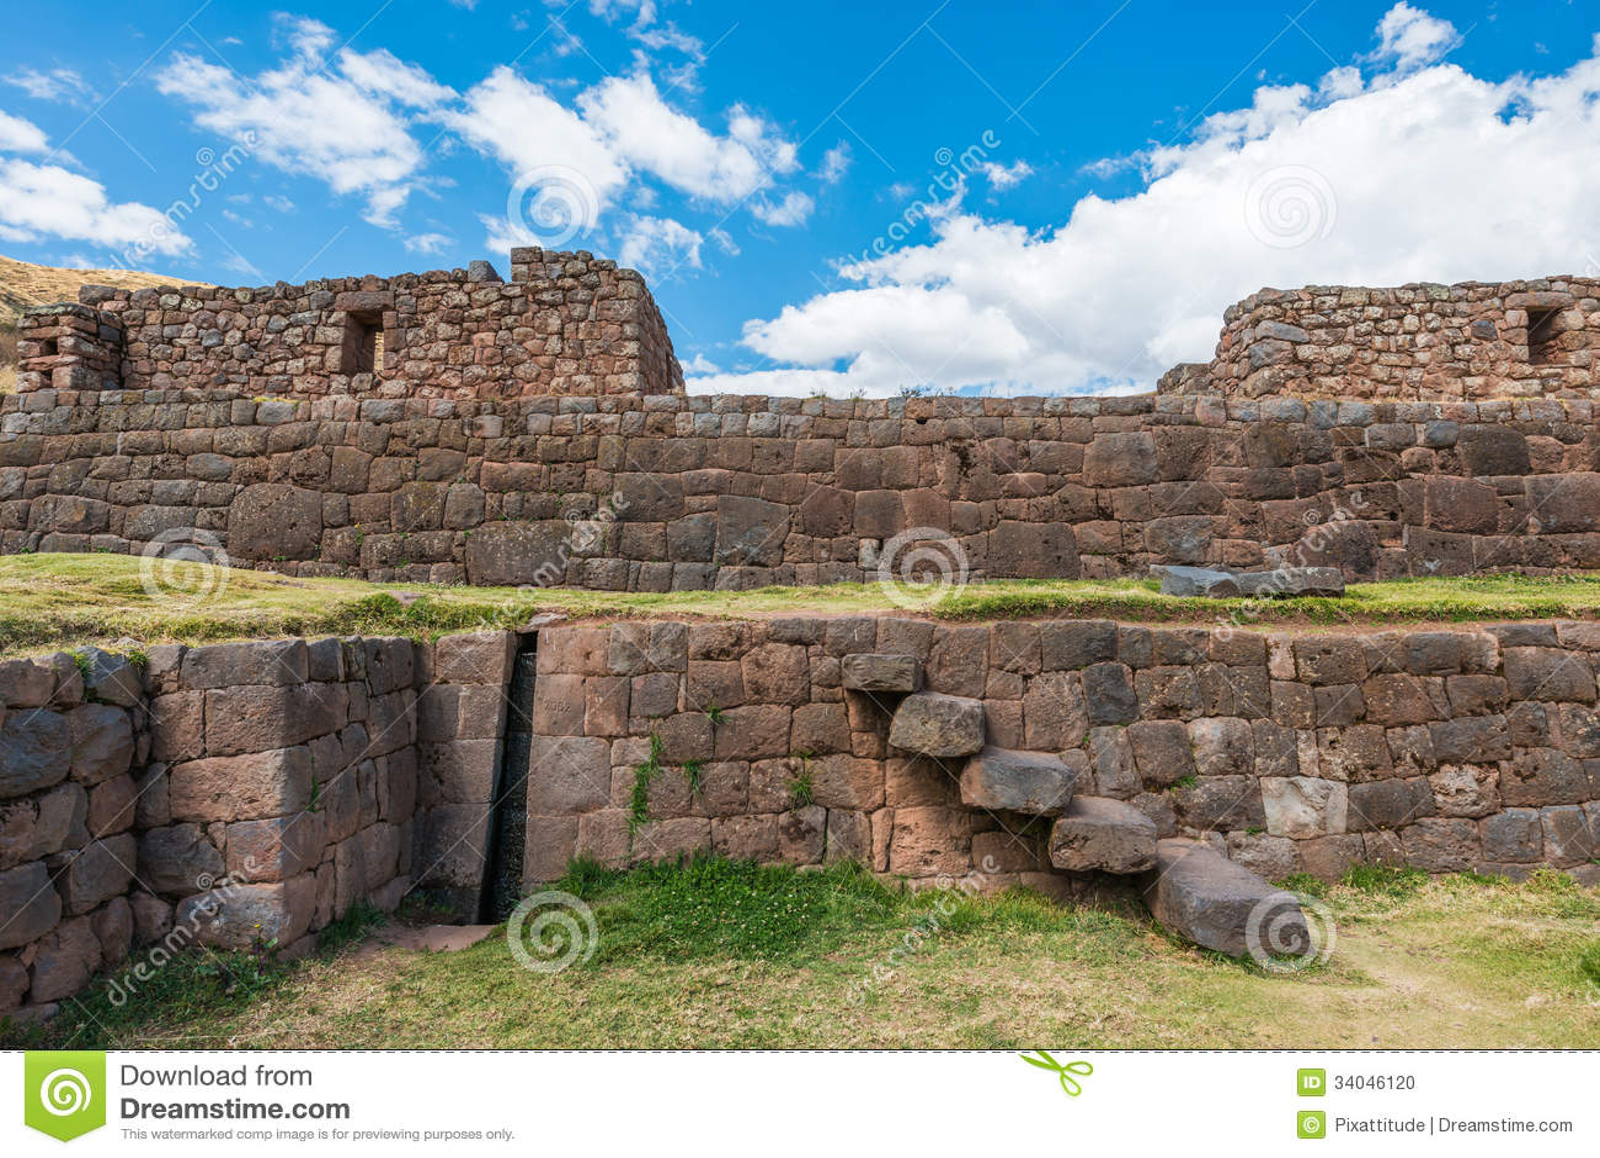 Ruines de Tipon dans les Andes péruviens chez Cuzco Pérou